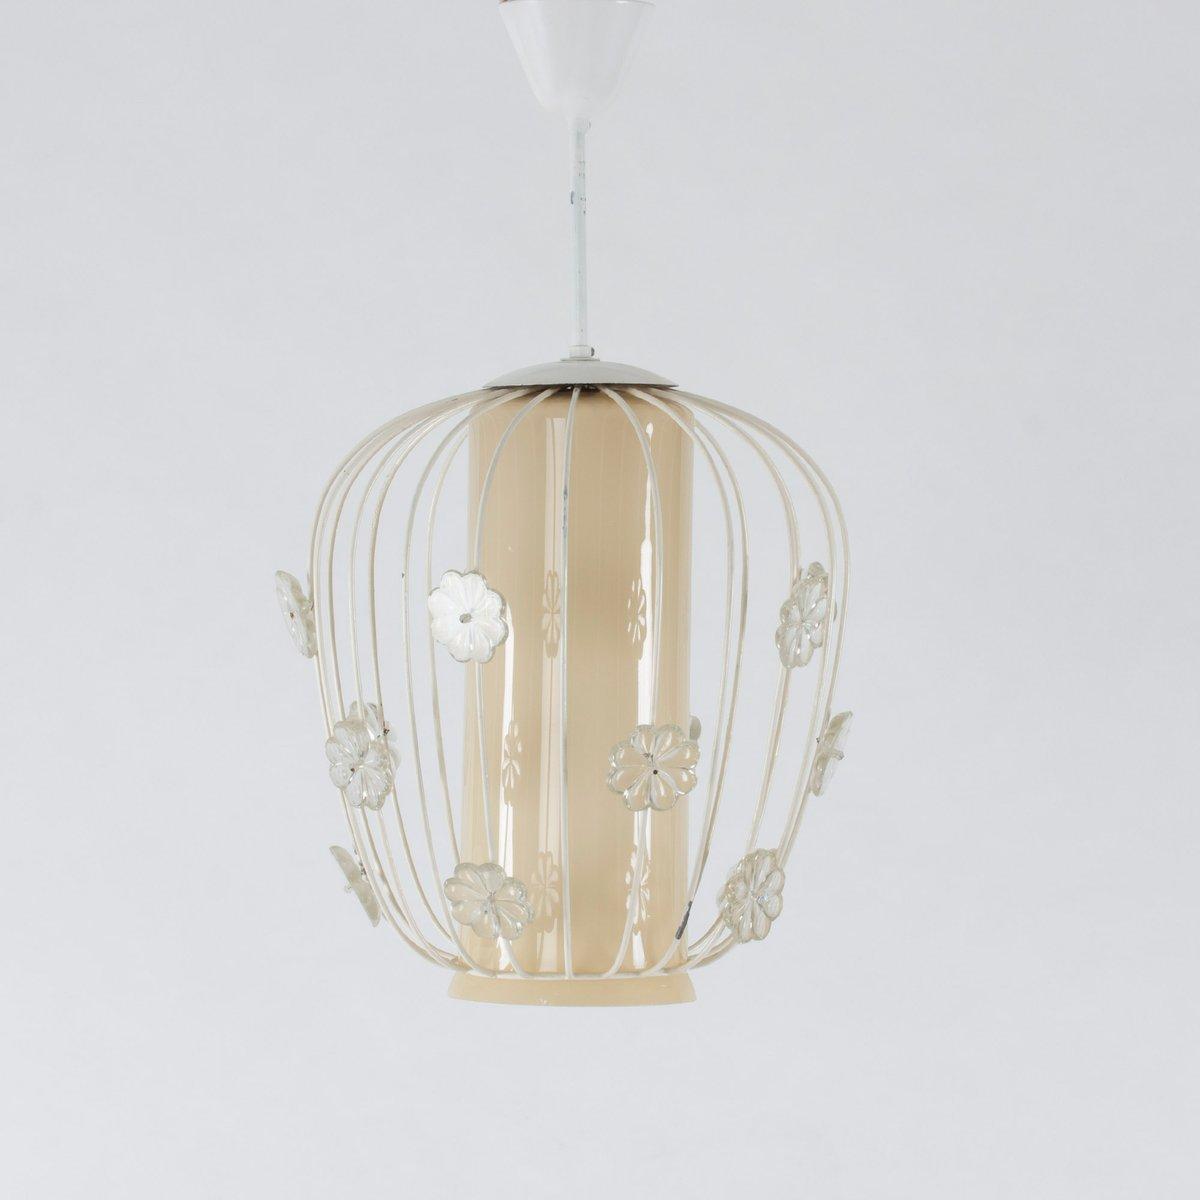 schwedische deckenlampe aus glas lackiertem metall. Black Bedroom Furniture Sets. Home Design Ideas